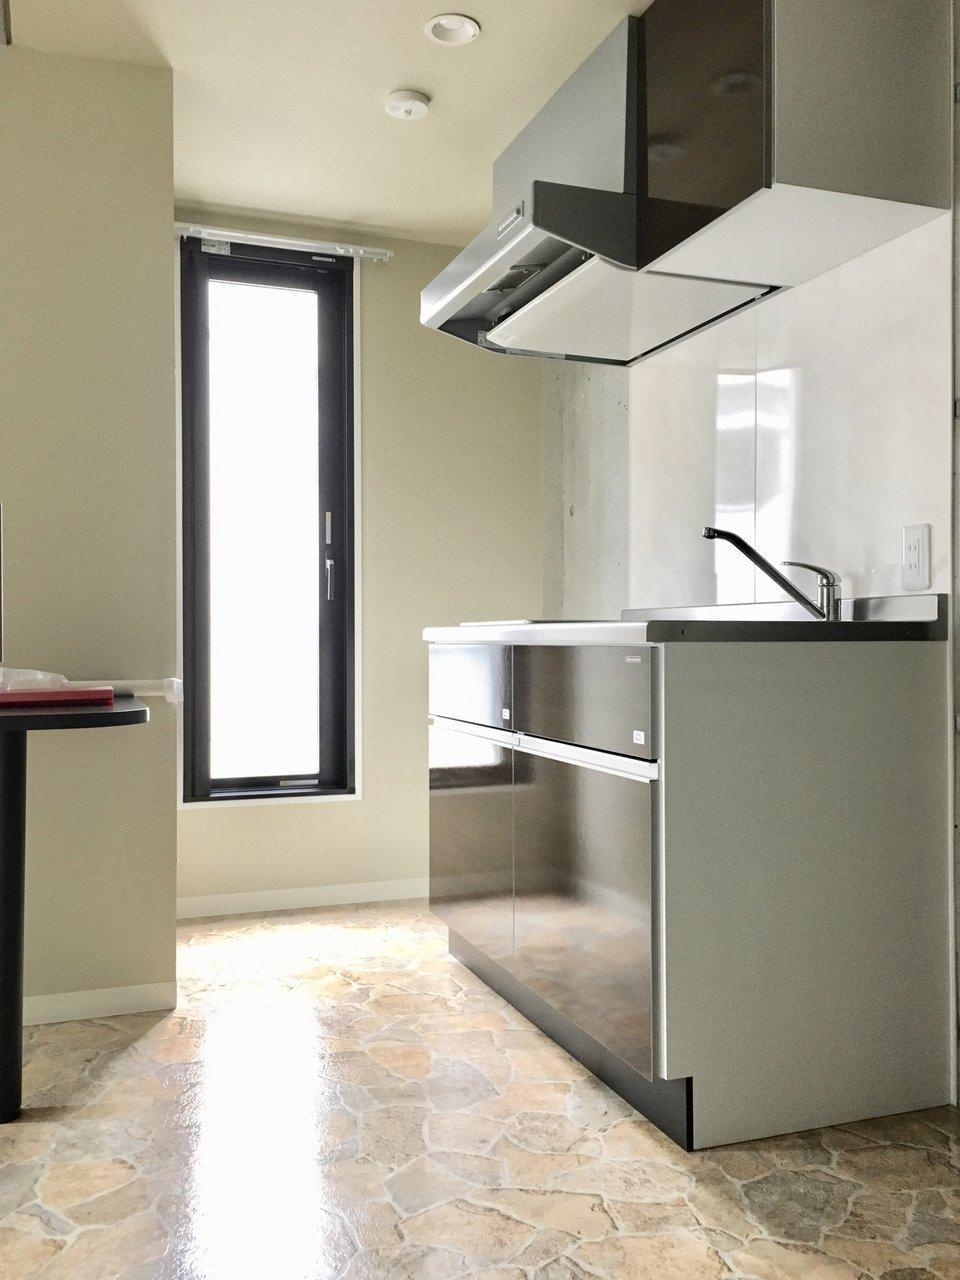 キッチンにも窓が付いていて明るいですね。背面にはカウンターデスクもついているので、食事をしたり、仕事をしたりできそうです。